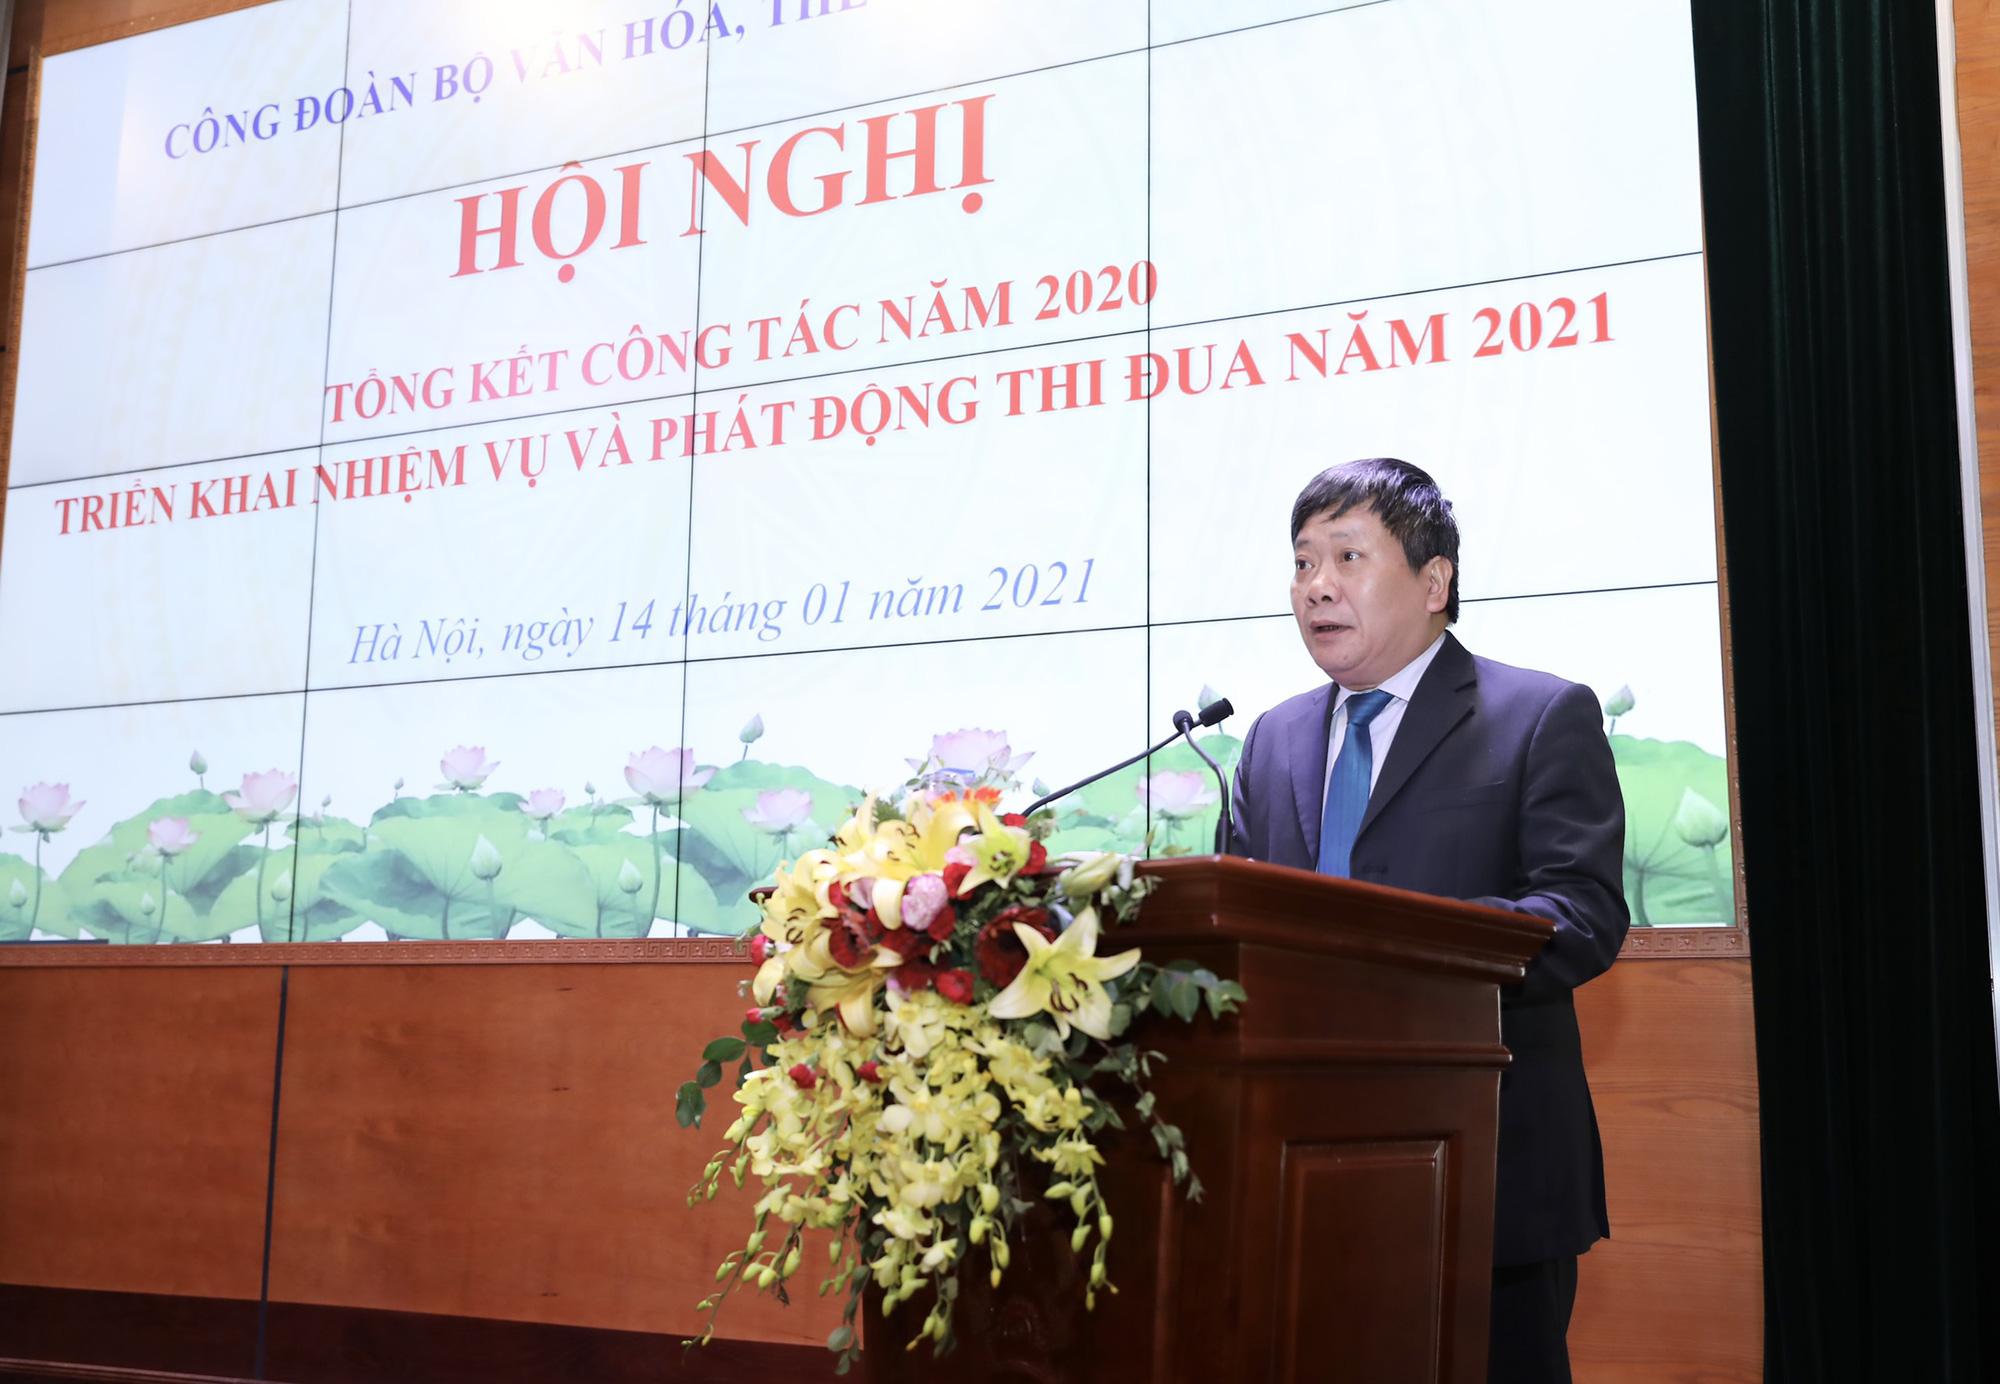 Công đoàn Bộ Văn hóa, Thể thao và Du lịch đạt được nhiều kết quả đáng ghi nhận trong năm 2020 - Ảnh 2.